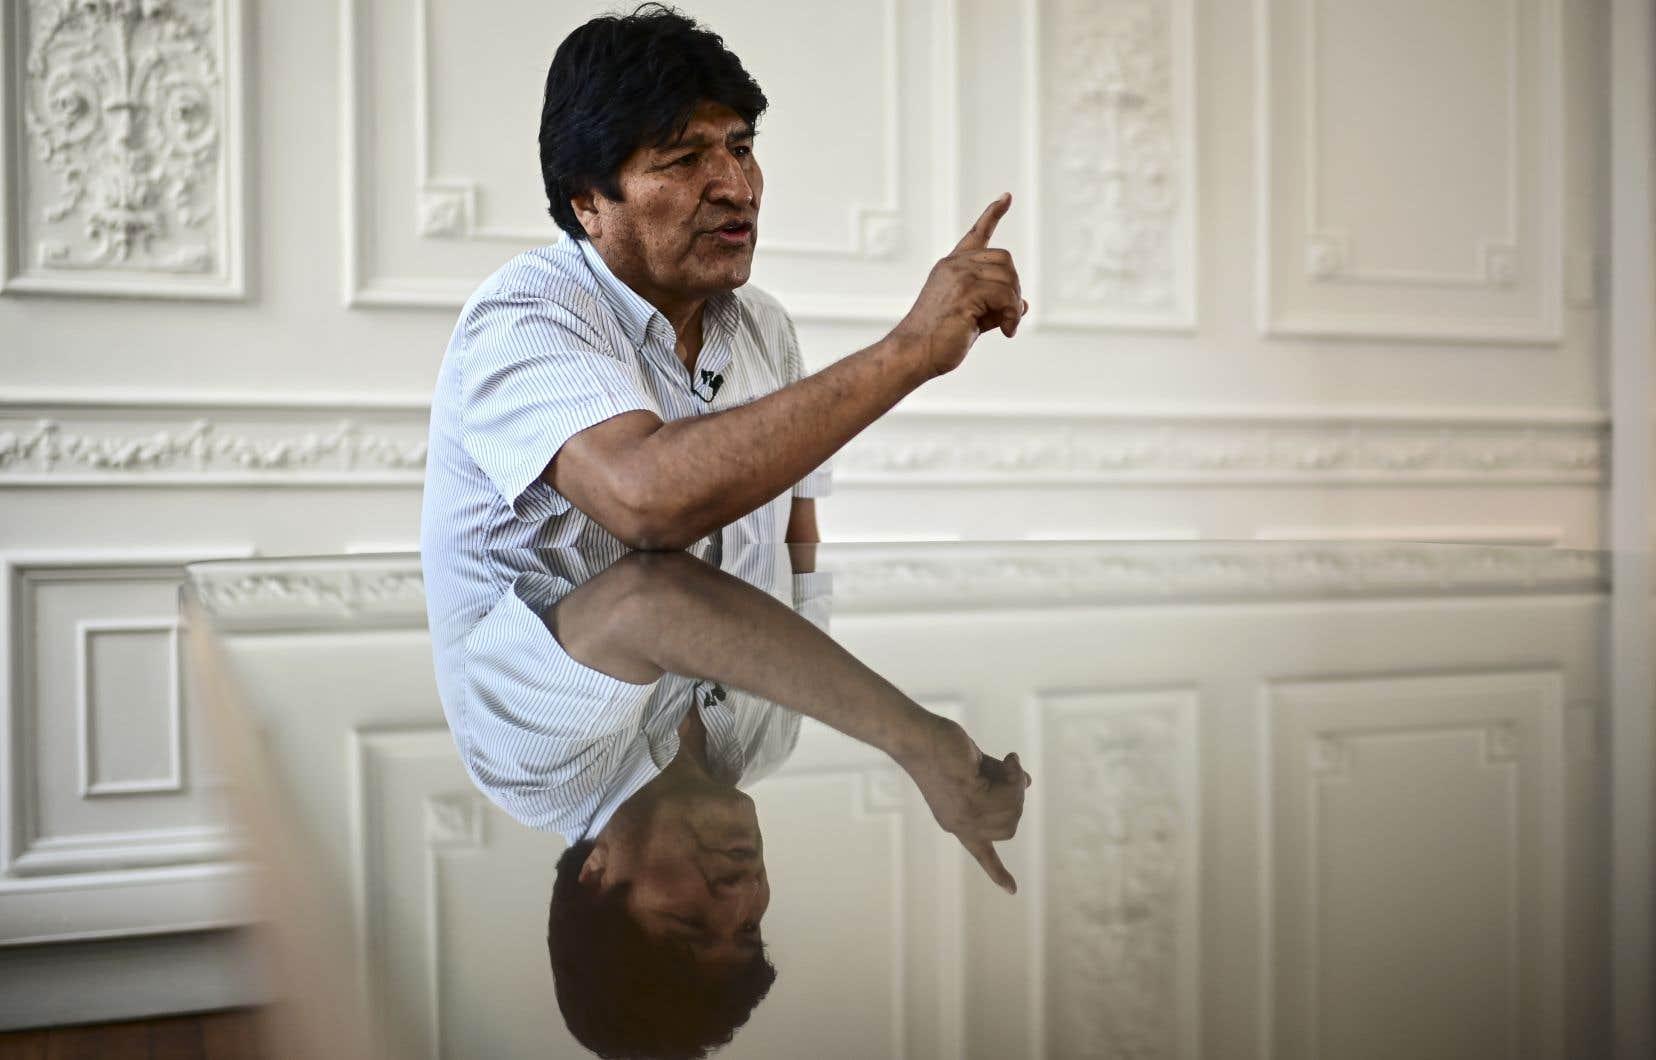 Premier président indigène de Bolivie, M.Morales a démissionné le 10 novembre après avoir été lâché par l'armée et sous la pression de manifestations de l'opposition.